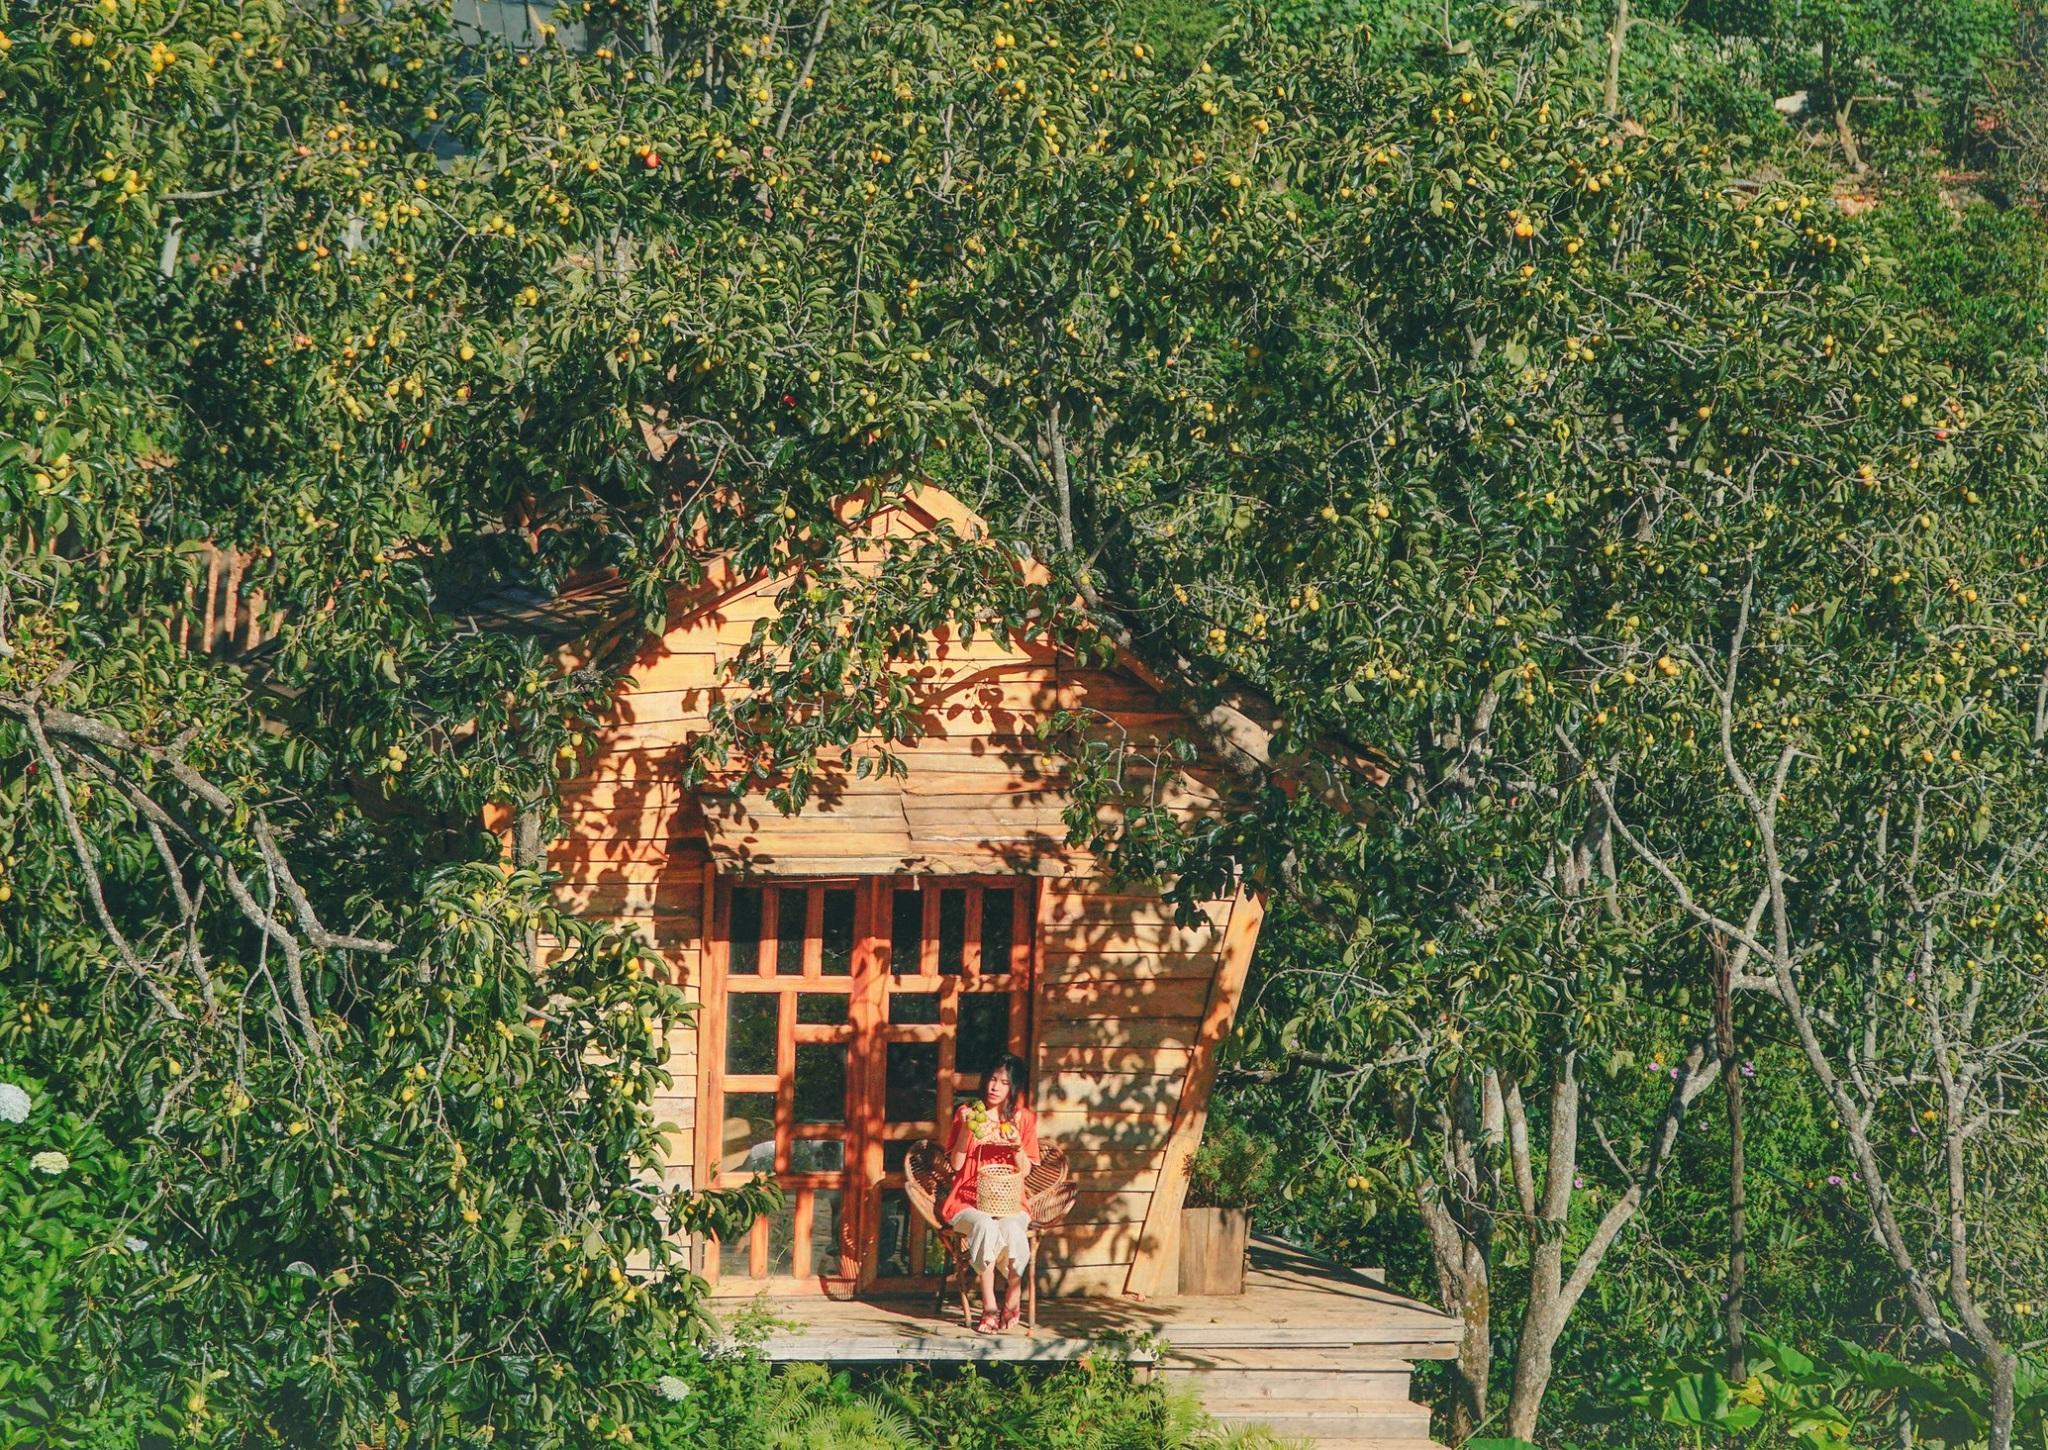 Phố núi Đà Lạt với tiết trời se lạnh, không chỉ là điểm du lịch nổi tiếng có cảnh sắc tươi đẹp quanh năm mà còn ưu ái ban tặng cho nơi này những vườn hồng đỏ cành lúc thu về. Trong ảnh là vườn hồng trong nắng thu của vợ chồng anh chị Trần Việt Anh và Hoàng Việt Anh (cùng 34 tuổi).  Du khách đi từ đường Hùng Vương, TP Đà Lạt hướng đi qua chùa Ve Chai, sau đó đi thẳng đường Tự Phước thêm 5 km là đến vườn hồng, tọa lạc tại xã Xuân Thọ, cách trung tâm phố núi khoảng 12 km.  Hơn 10 năm nay, năm nào vợ chồng anh chị Việt Anh cũng dành vài lần trốn TP. HCM lên xứ sở sương mù để du lịch, nghỉ dưỡng và đầu tư kinh doanh trang trại. Tháng 5/2020, khi Covid-19 bùng phát, cả gia đình 10 người của anh chị Việt Anh, gồm cha mẹ và anh chị hai bên quyết định lên định cư luôn ở Đà Lạt.  Hiện gia đình kinh doanh, kết hợp làm du lịch tại trang trại – quán cà phê – vườn hồng Mama Dala, trong đó vườn hồng diện tích 2.000 m2, với hơn 50 gốc, chủ yếu là giống hồng trứng đang vào giai đoạn thu hoạch quả.